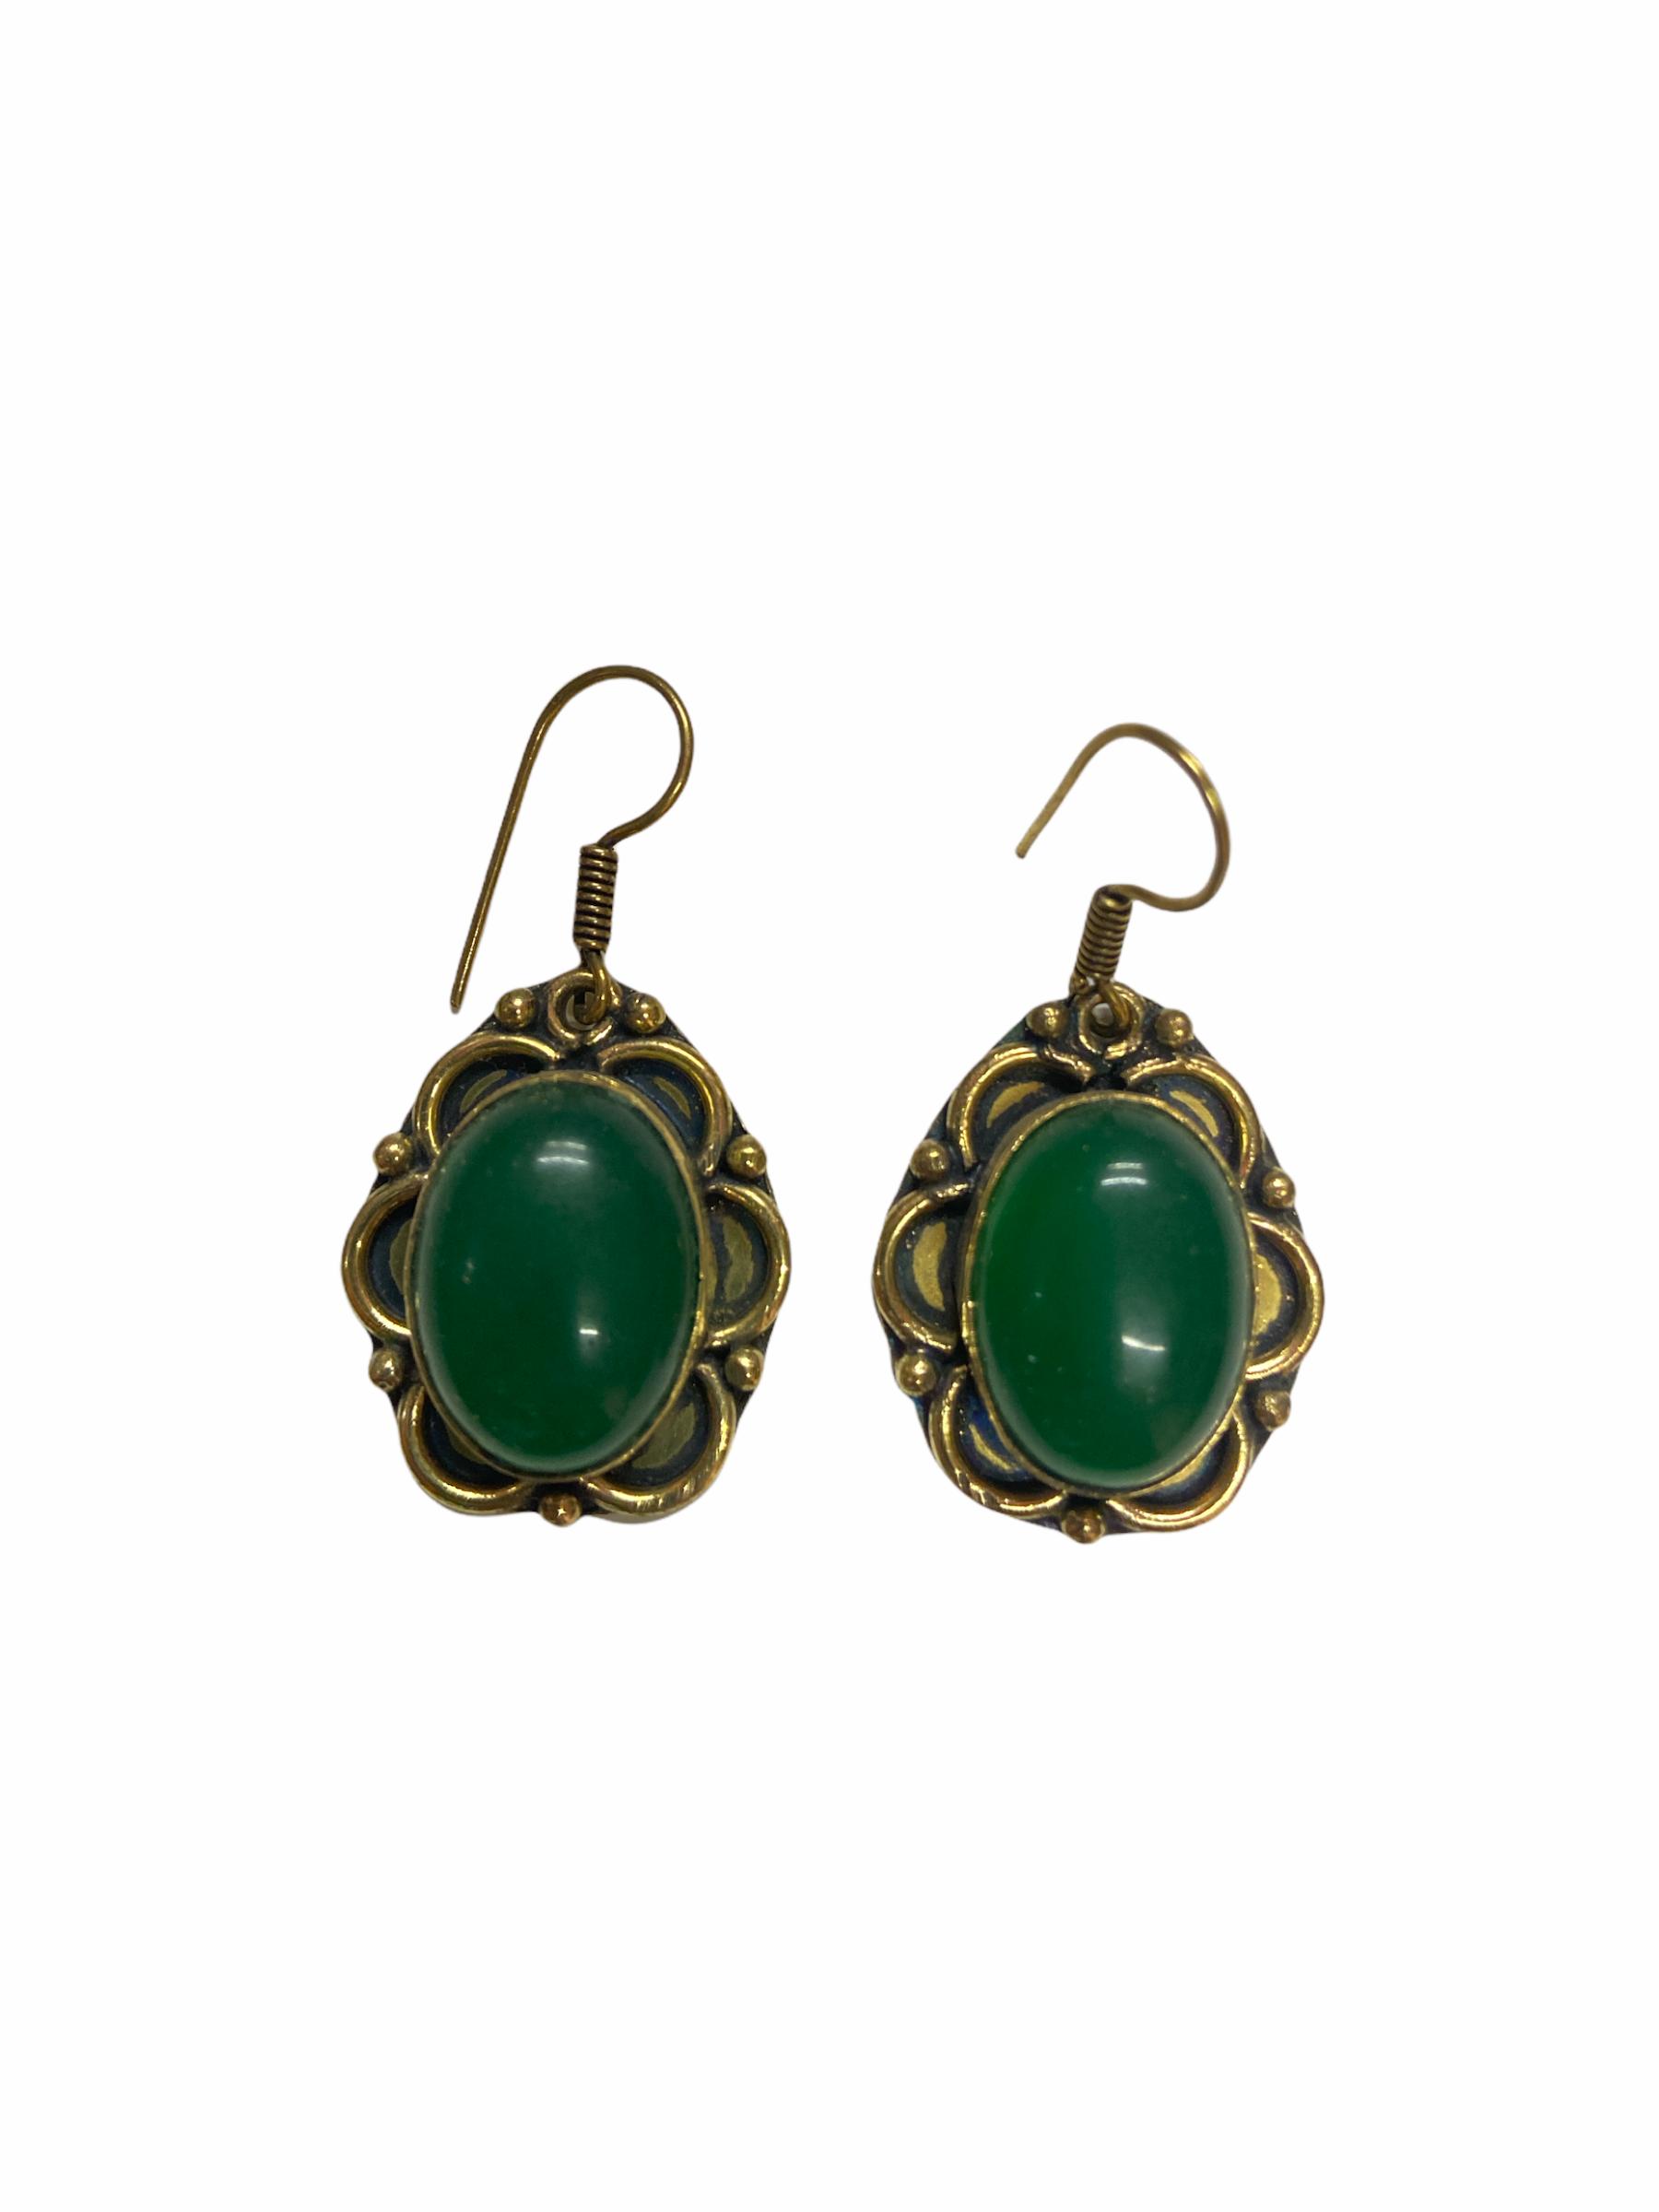 Σκουλαρίκια Χειροποίητα Μαργαρίτες Με Πράσινος Αχάτης Σε Χρυσό Χρώμα